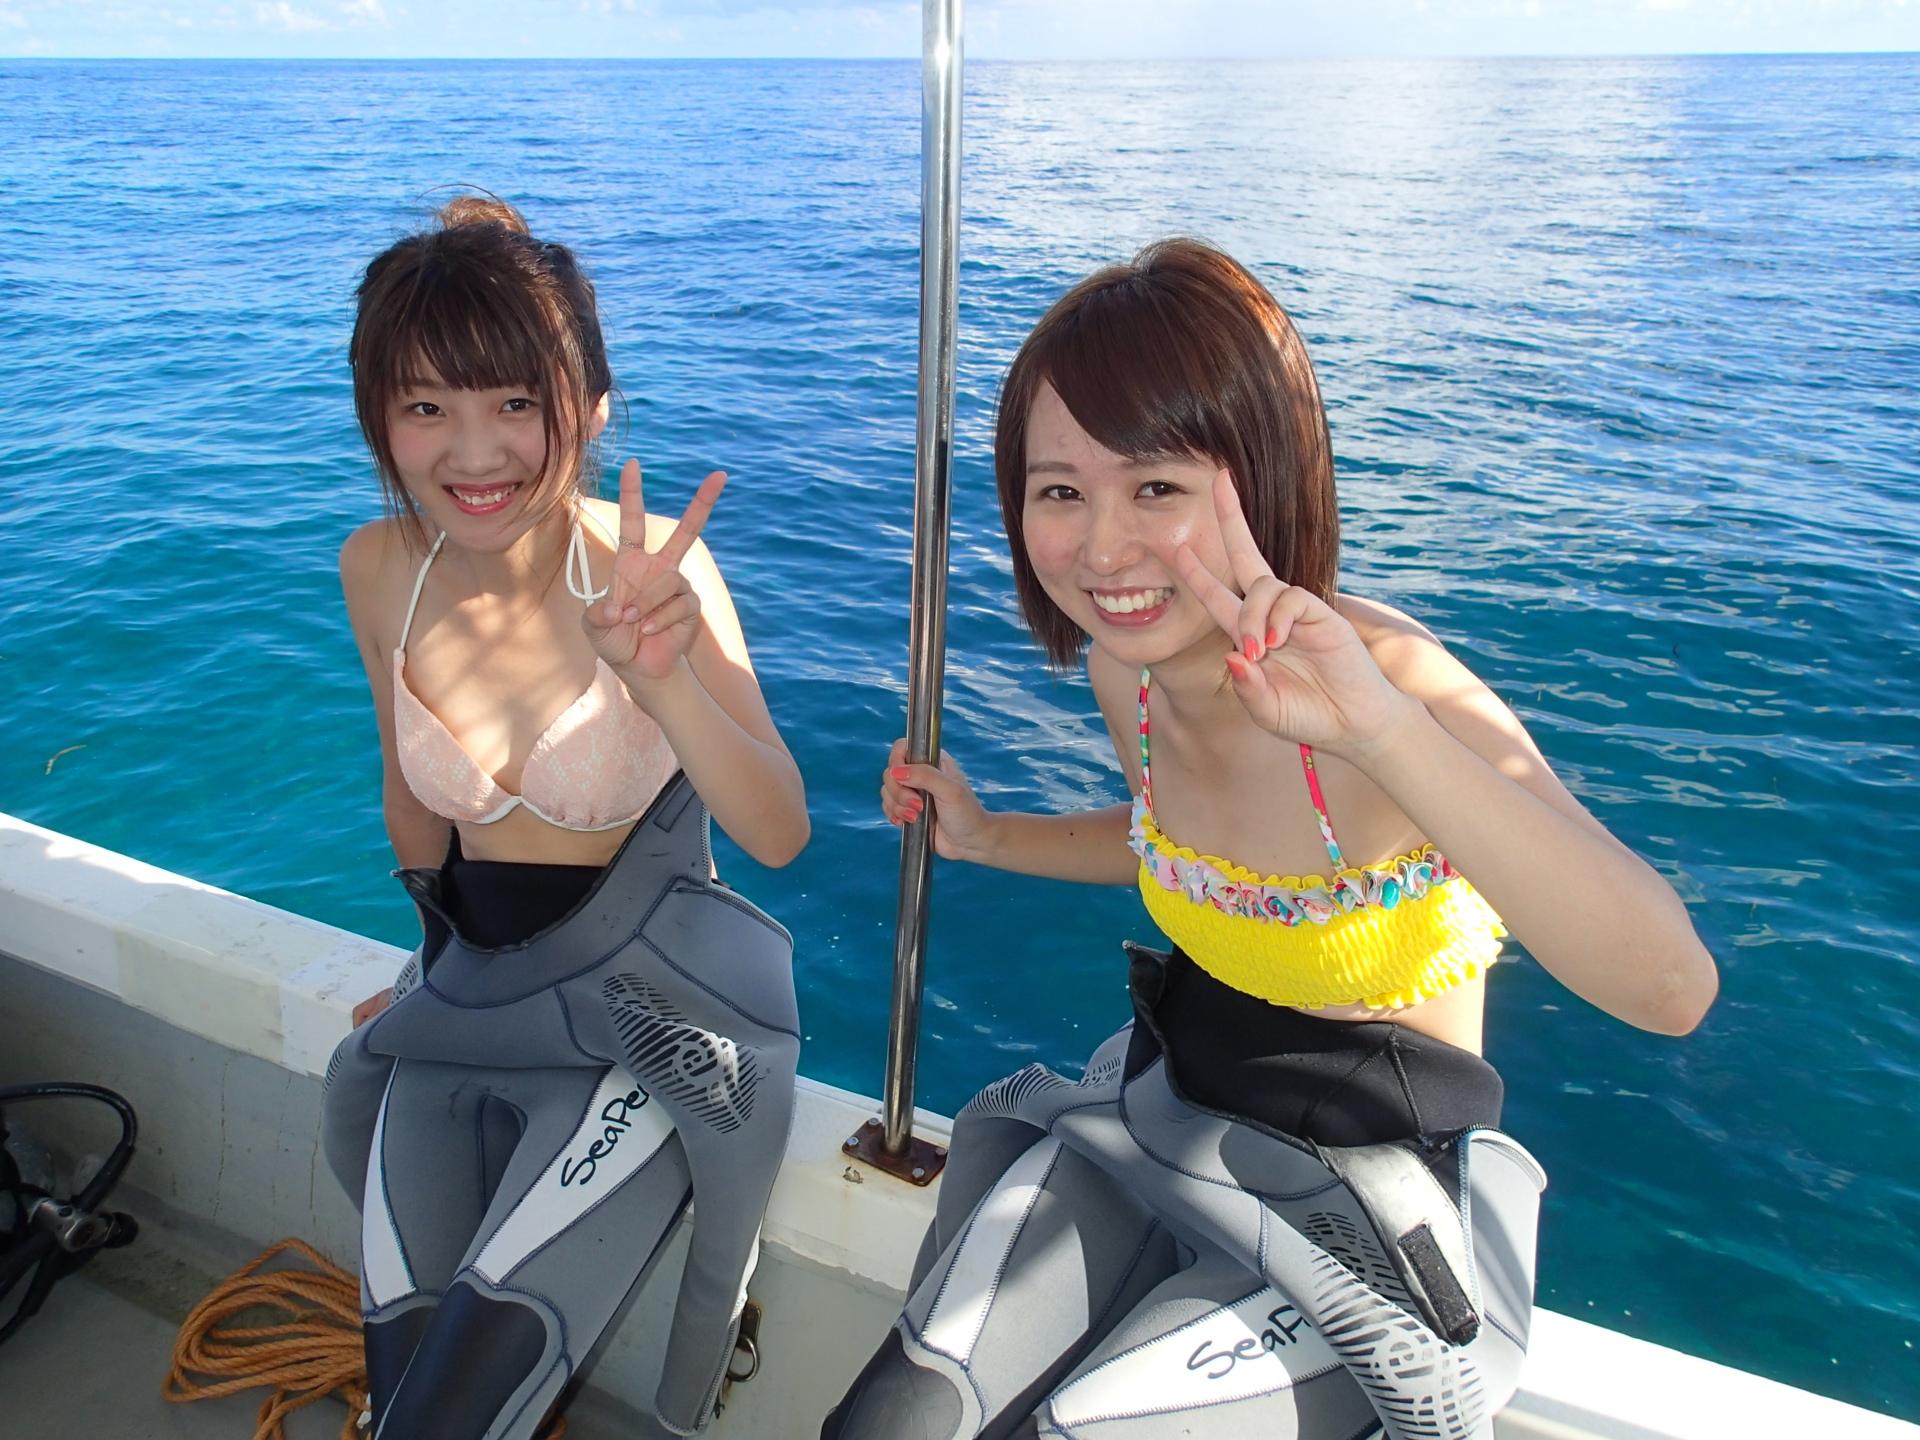 素人女性の水着 フェト☆37フェト [無断転載禁止]©bbspink.comYouTube動画>15本 ->画像>665枚